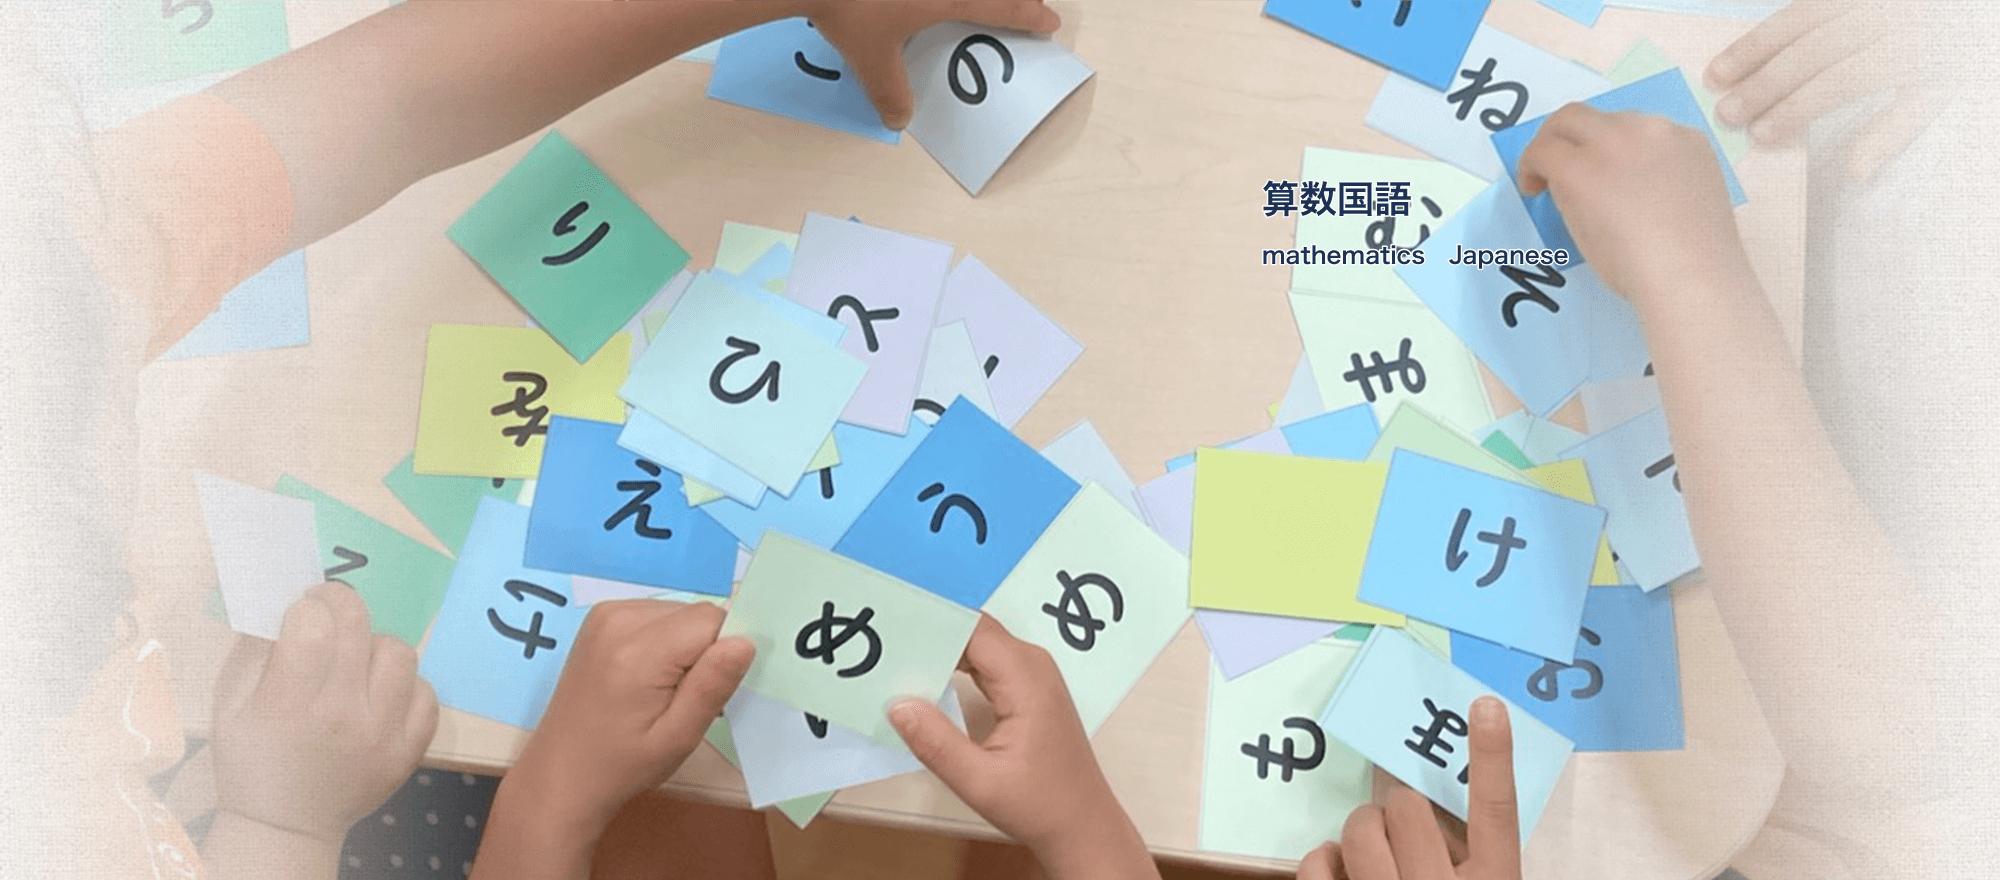 算数・国語が楽しく学べる